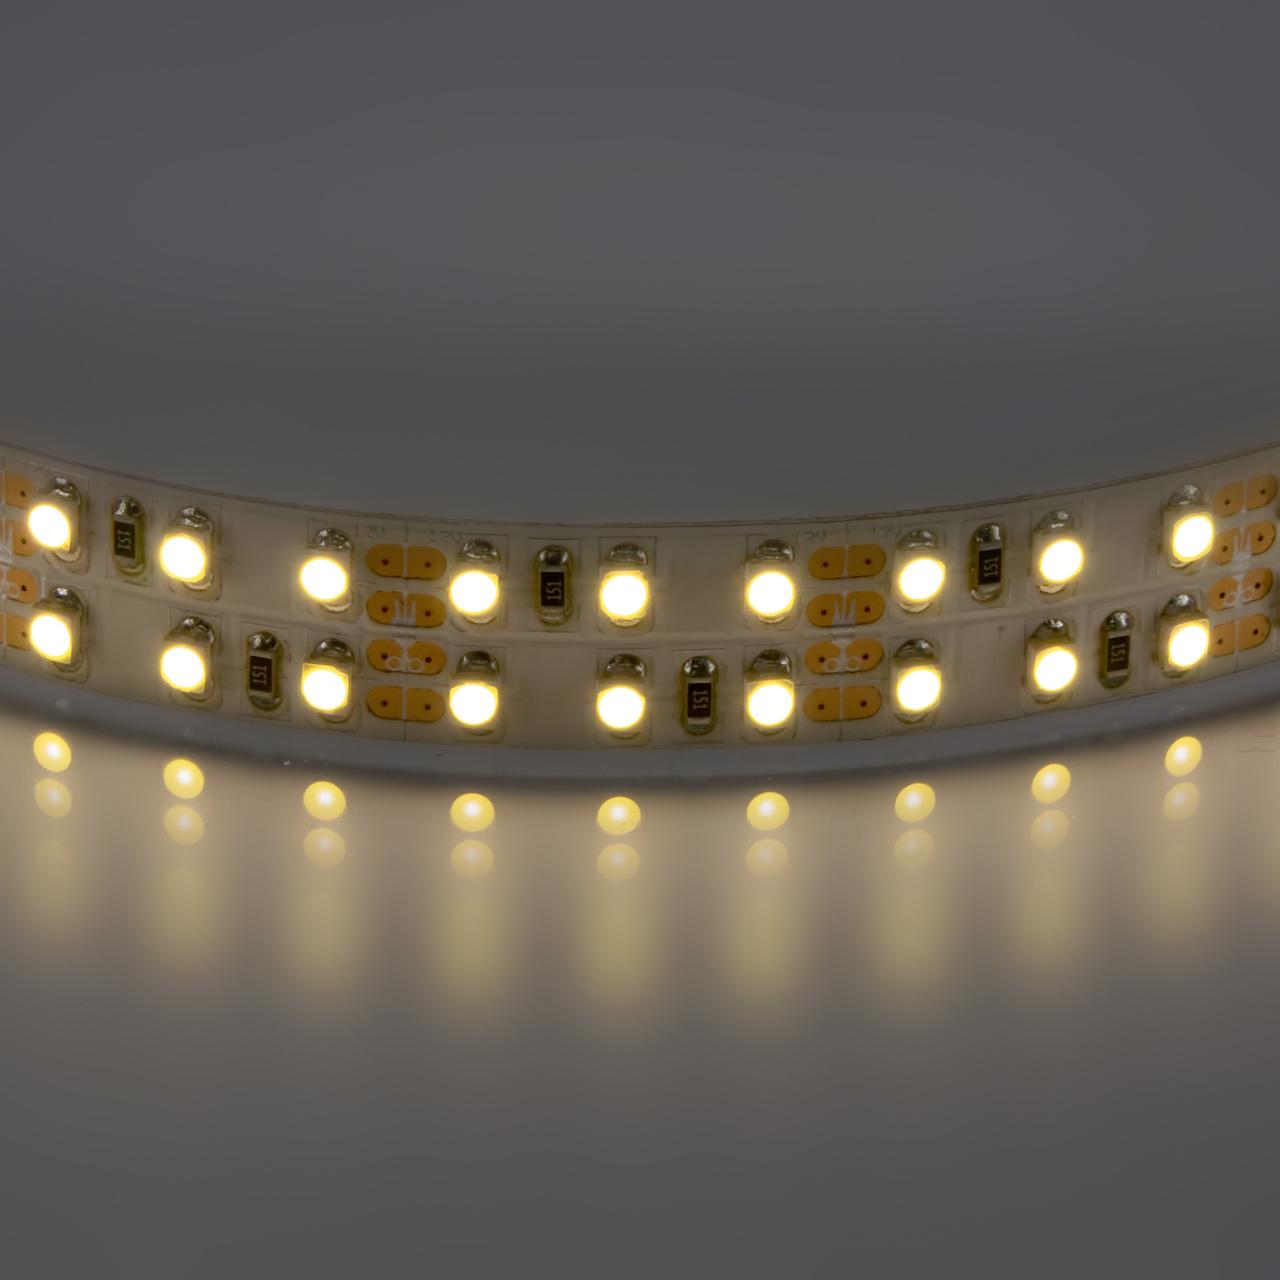 Лента 3528 LED 12V 19.2W 2700K-3000K 100m теплый белый свет Lightstar 400022